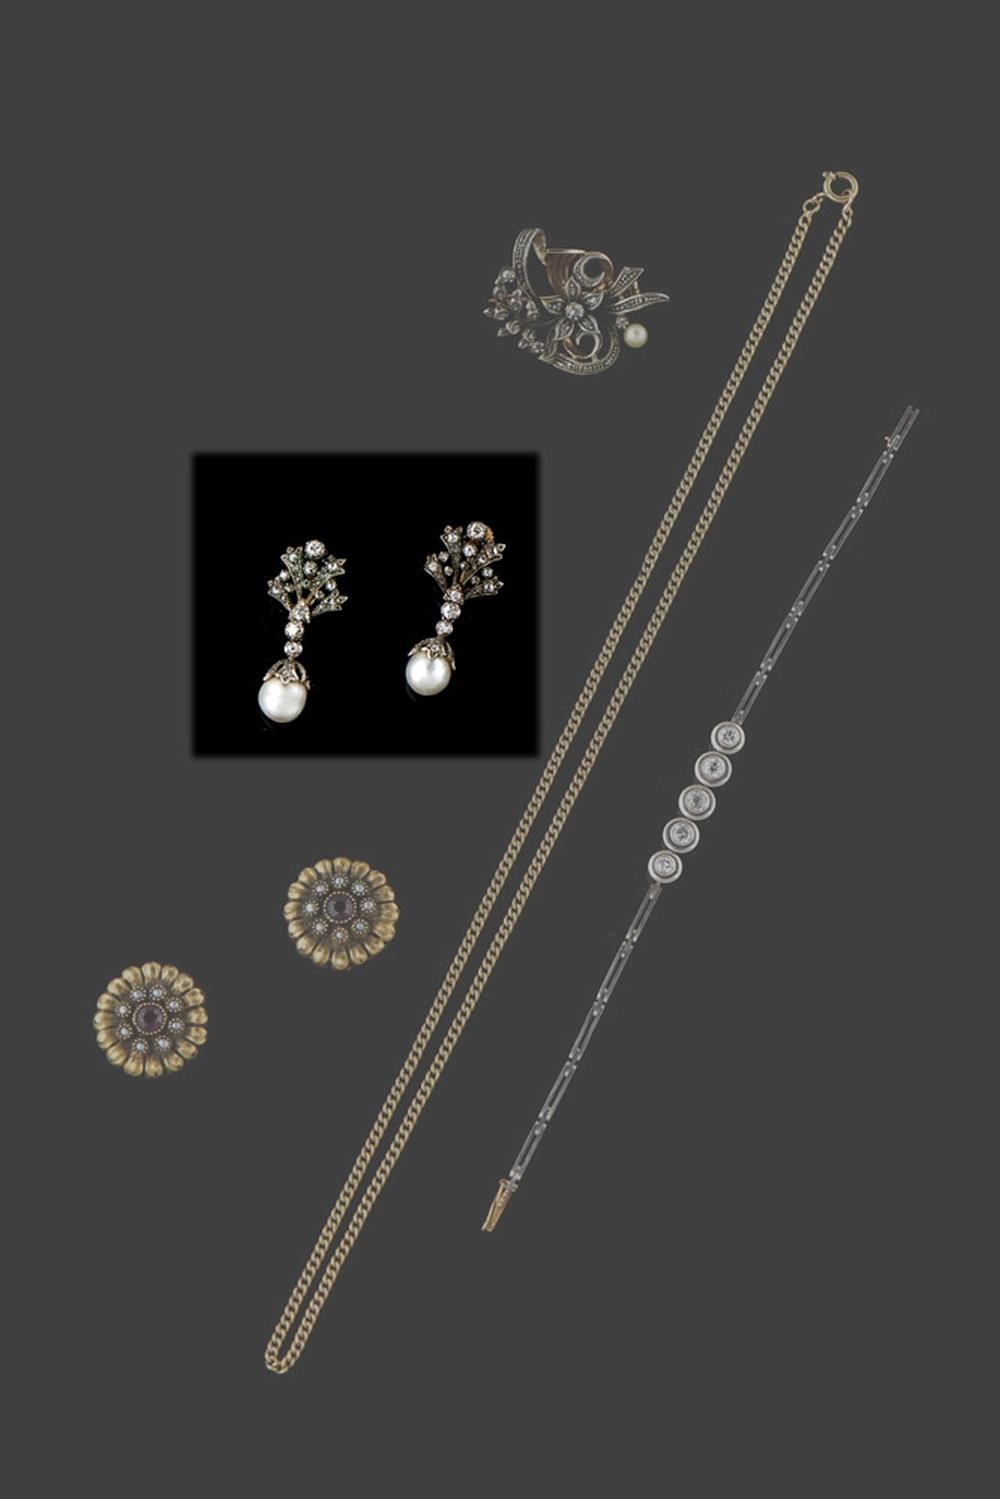 Par de brincos em ouro e prata, P.: 9,8 g